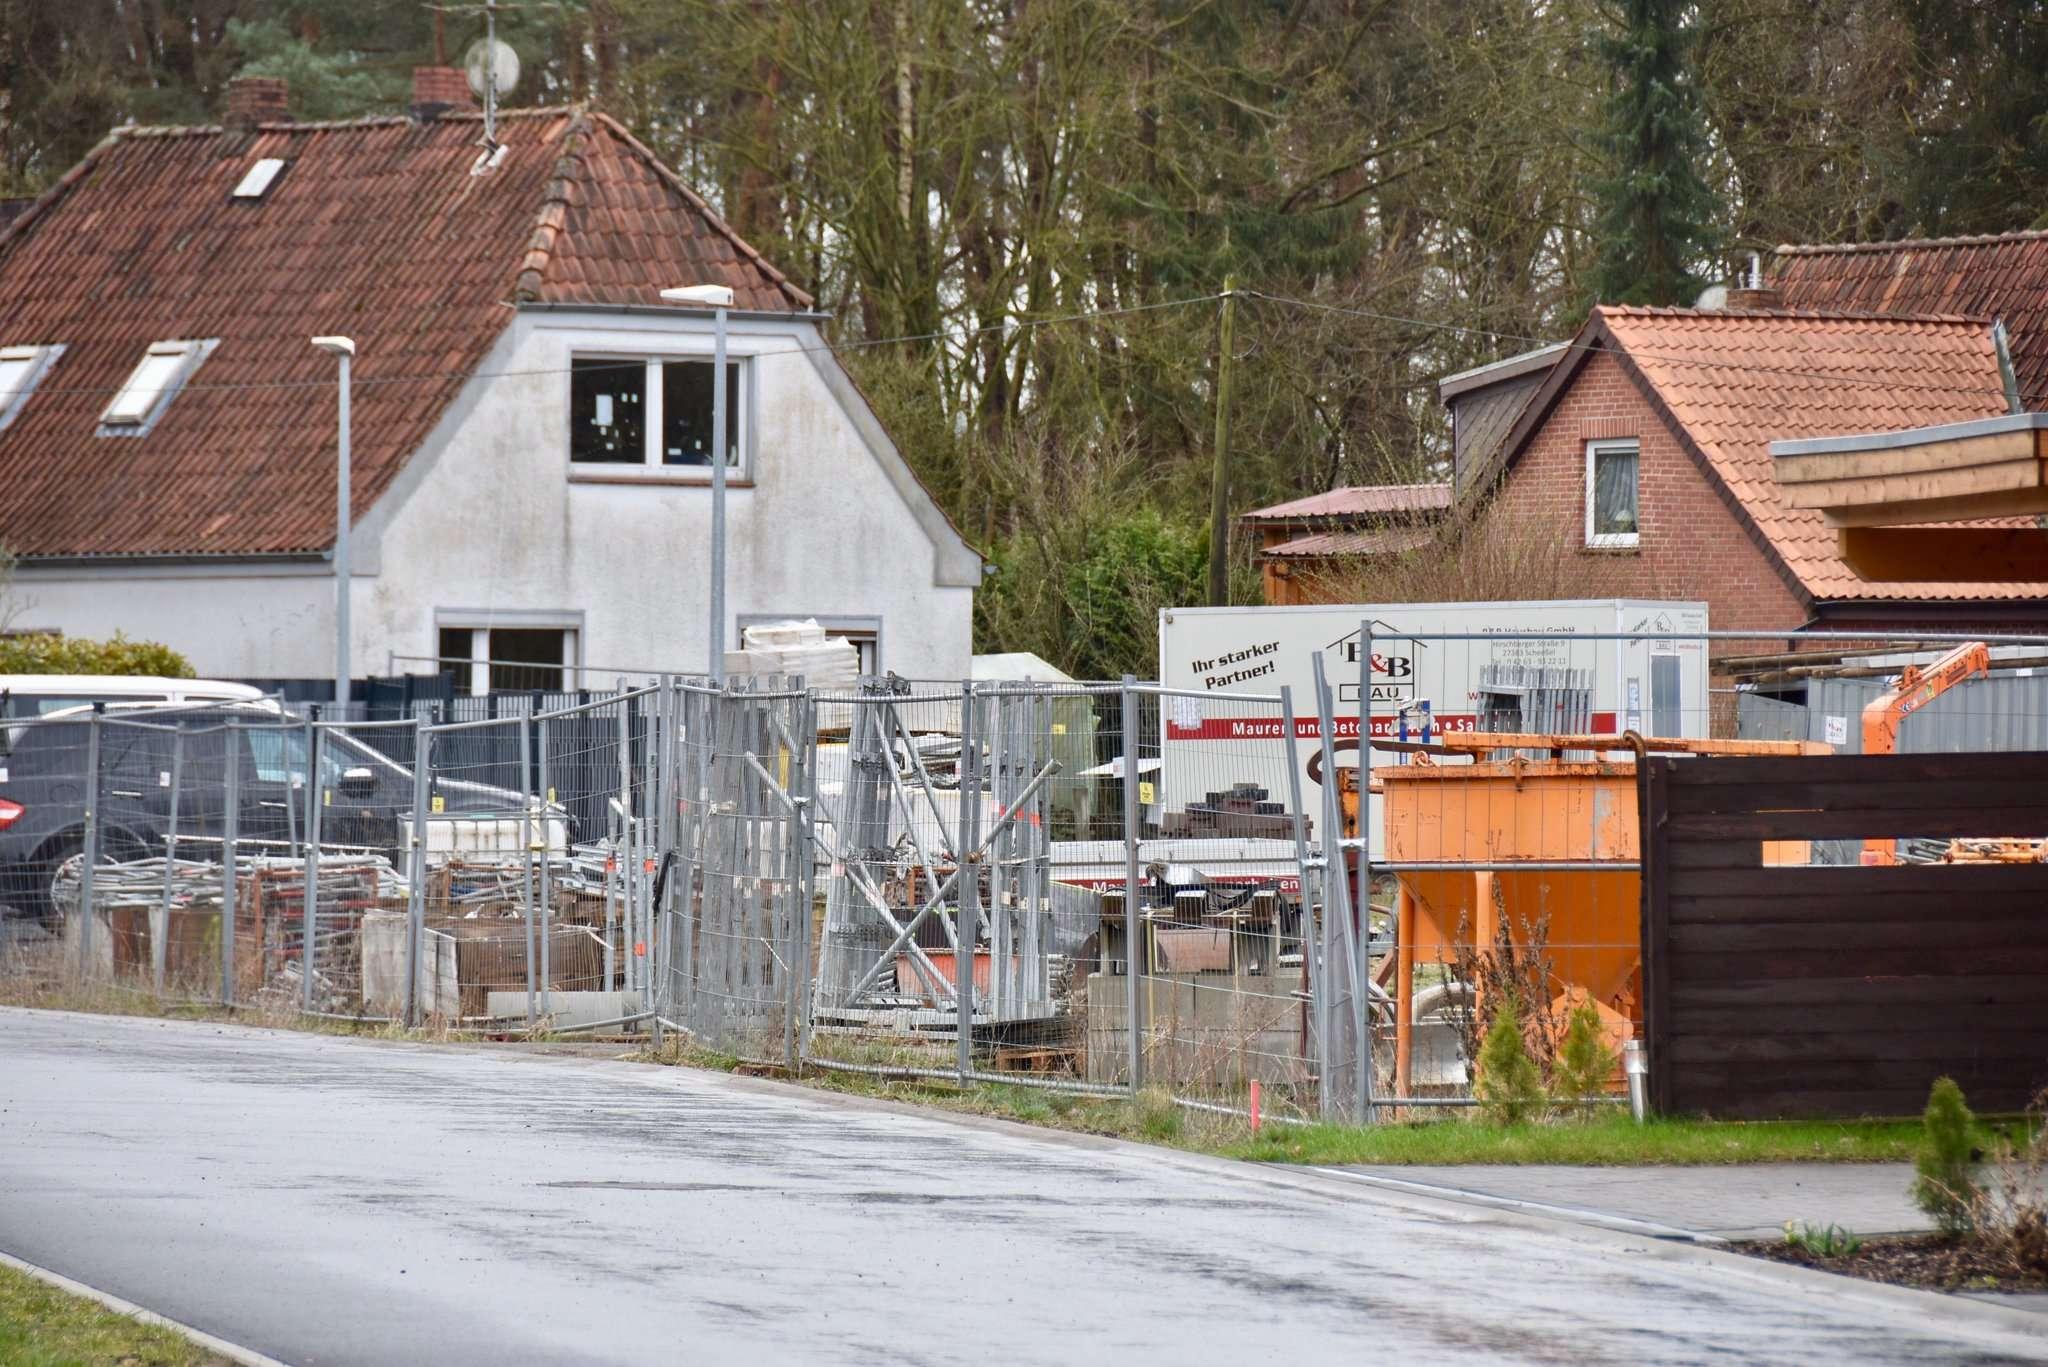 Schon jetzt gibt es einige Neubaugebiete in der Gemeinde Scheeßel u2013 in Zukunft kommen weitere hinzu.